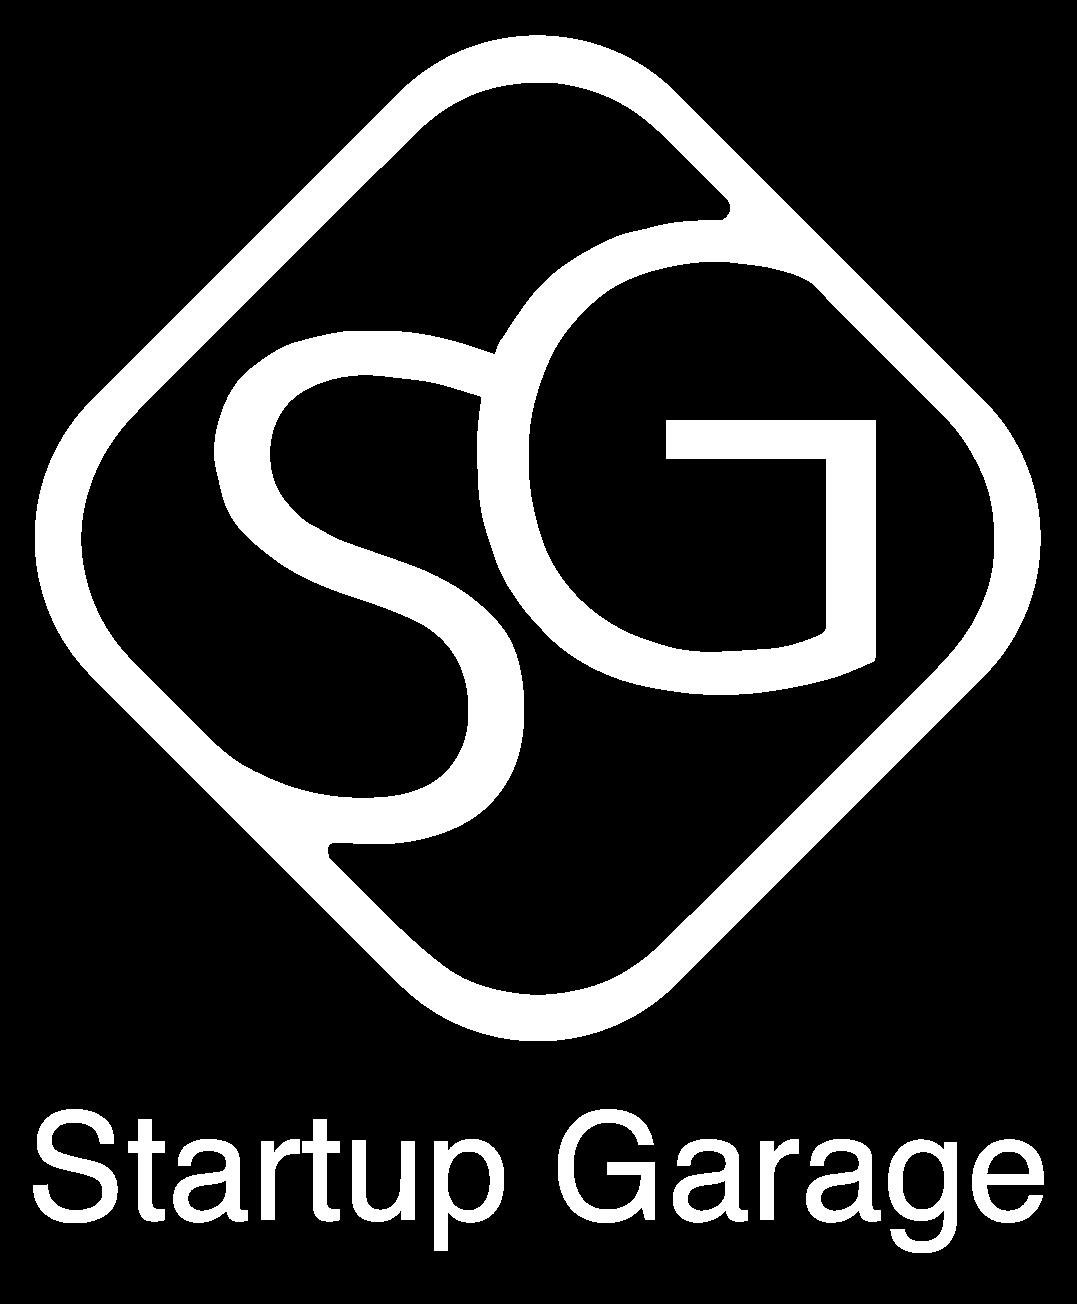 Startup Garage